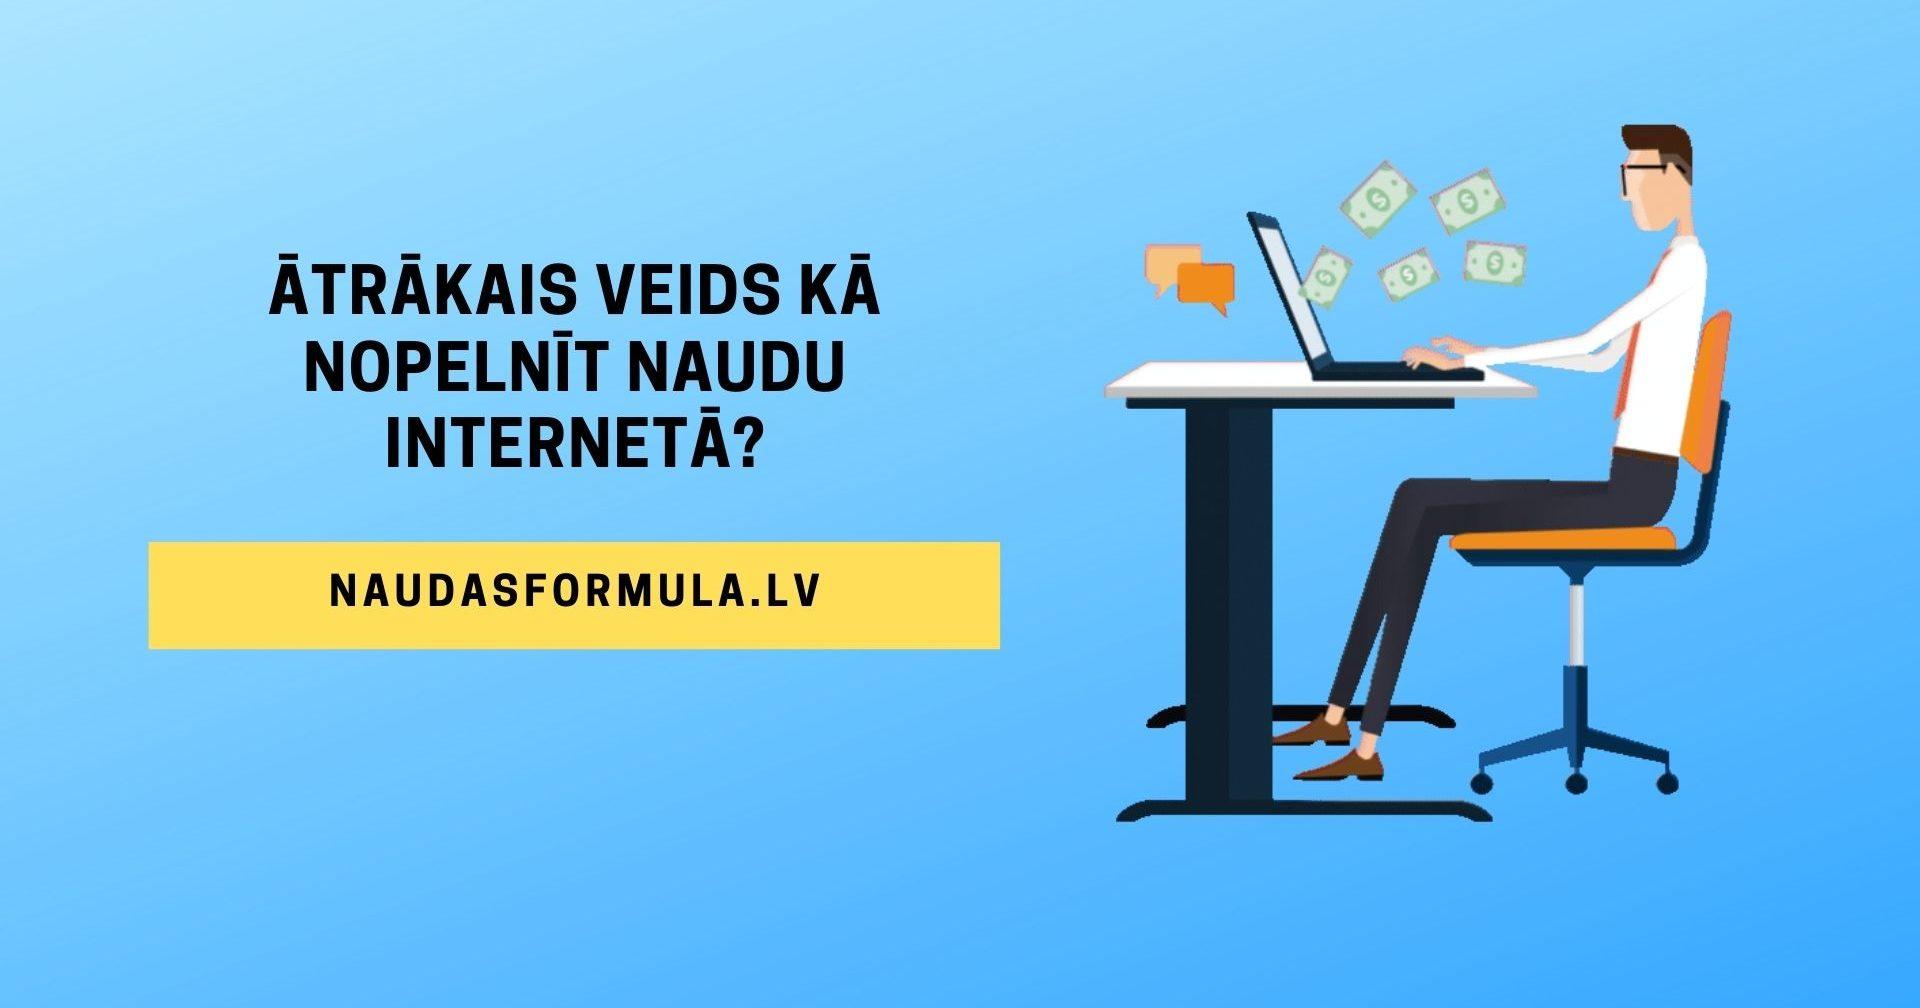 ātrākais veids, kā nopelnīt naudu, nav internets